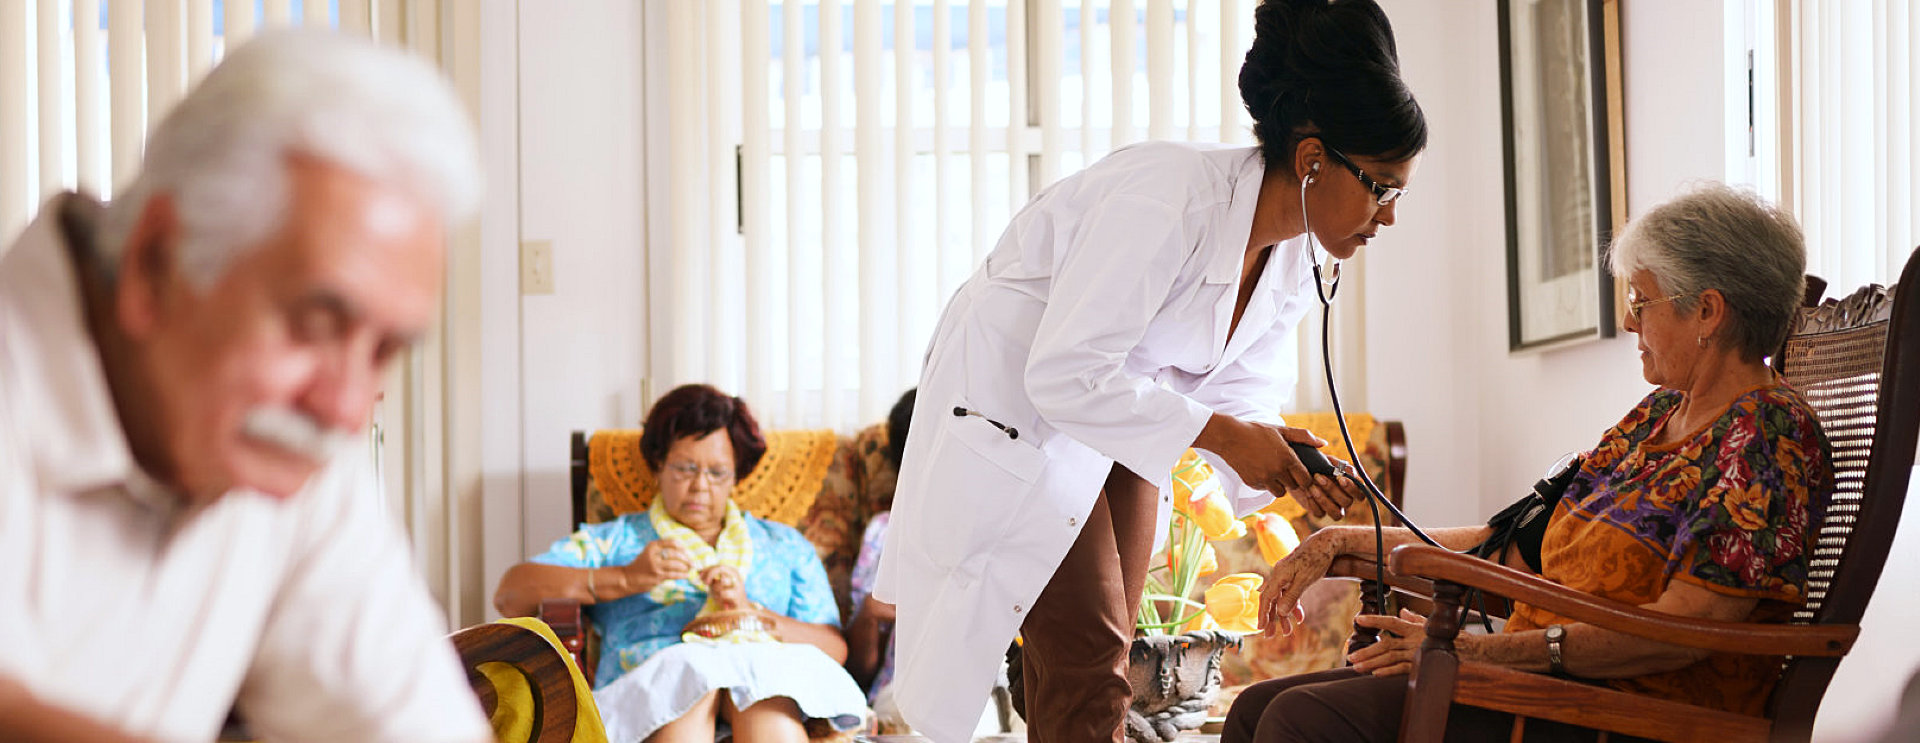 nurse checking on senior woman